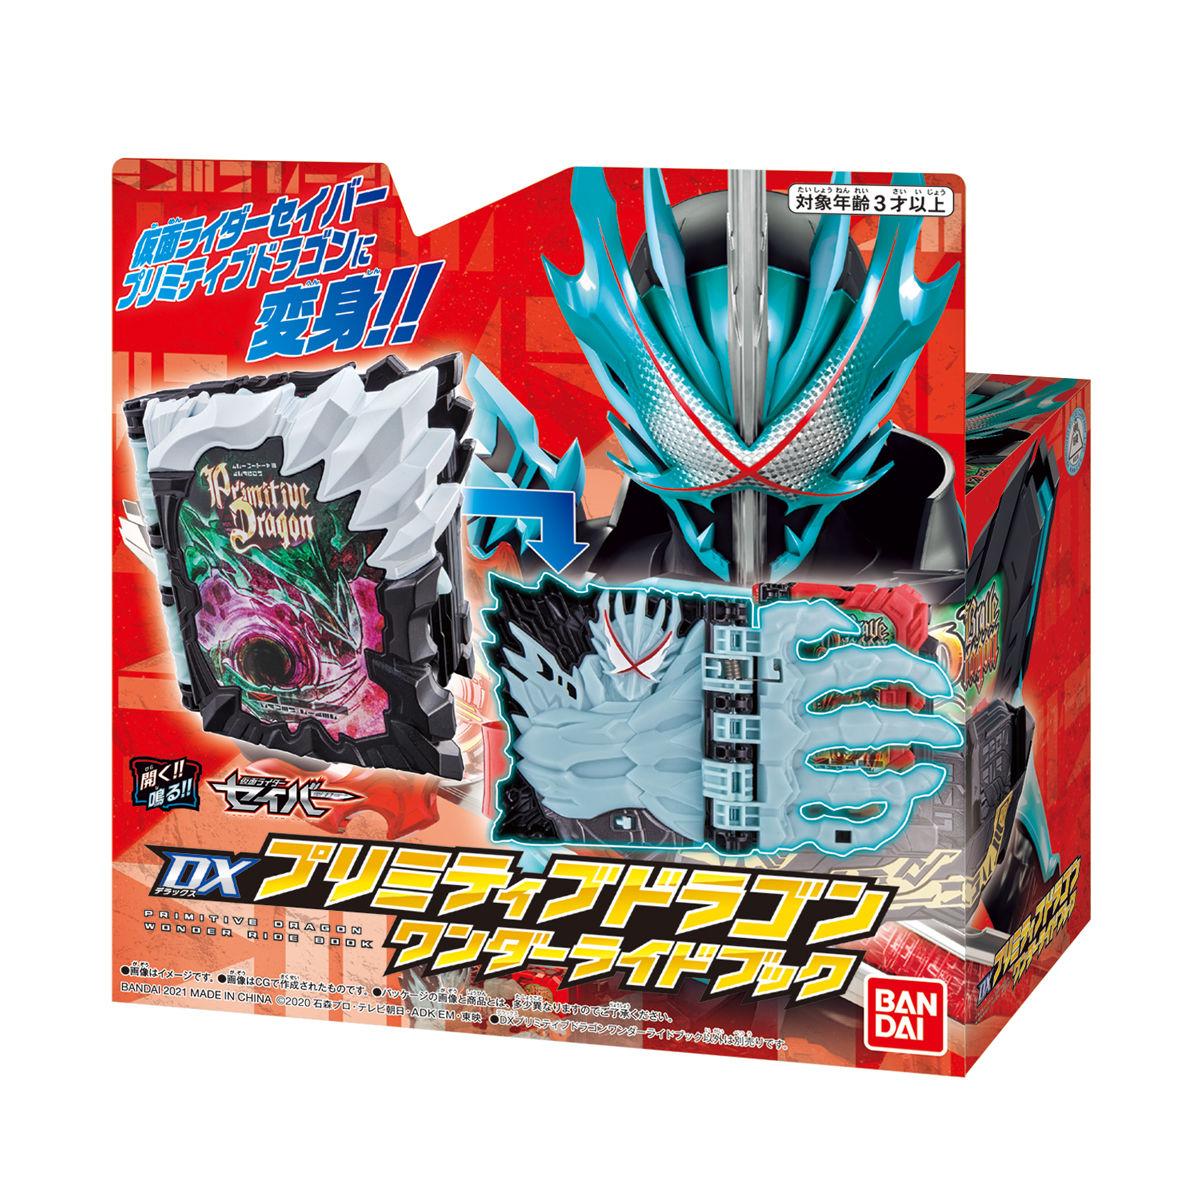 仮面ライダーセイバー『DXプリミティブドラゴンワンダーライドブック』変身なりきり-009